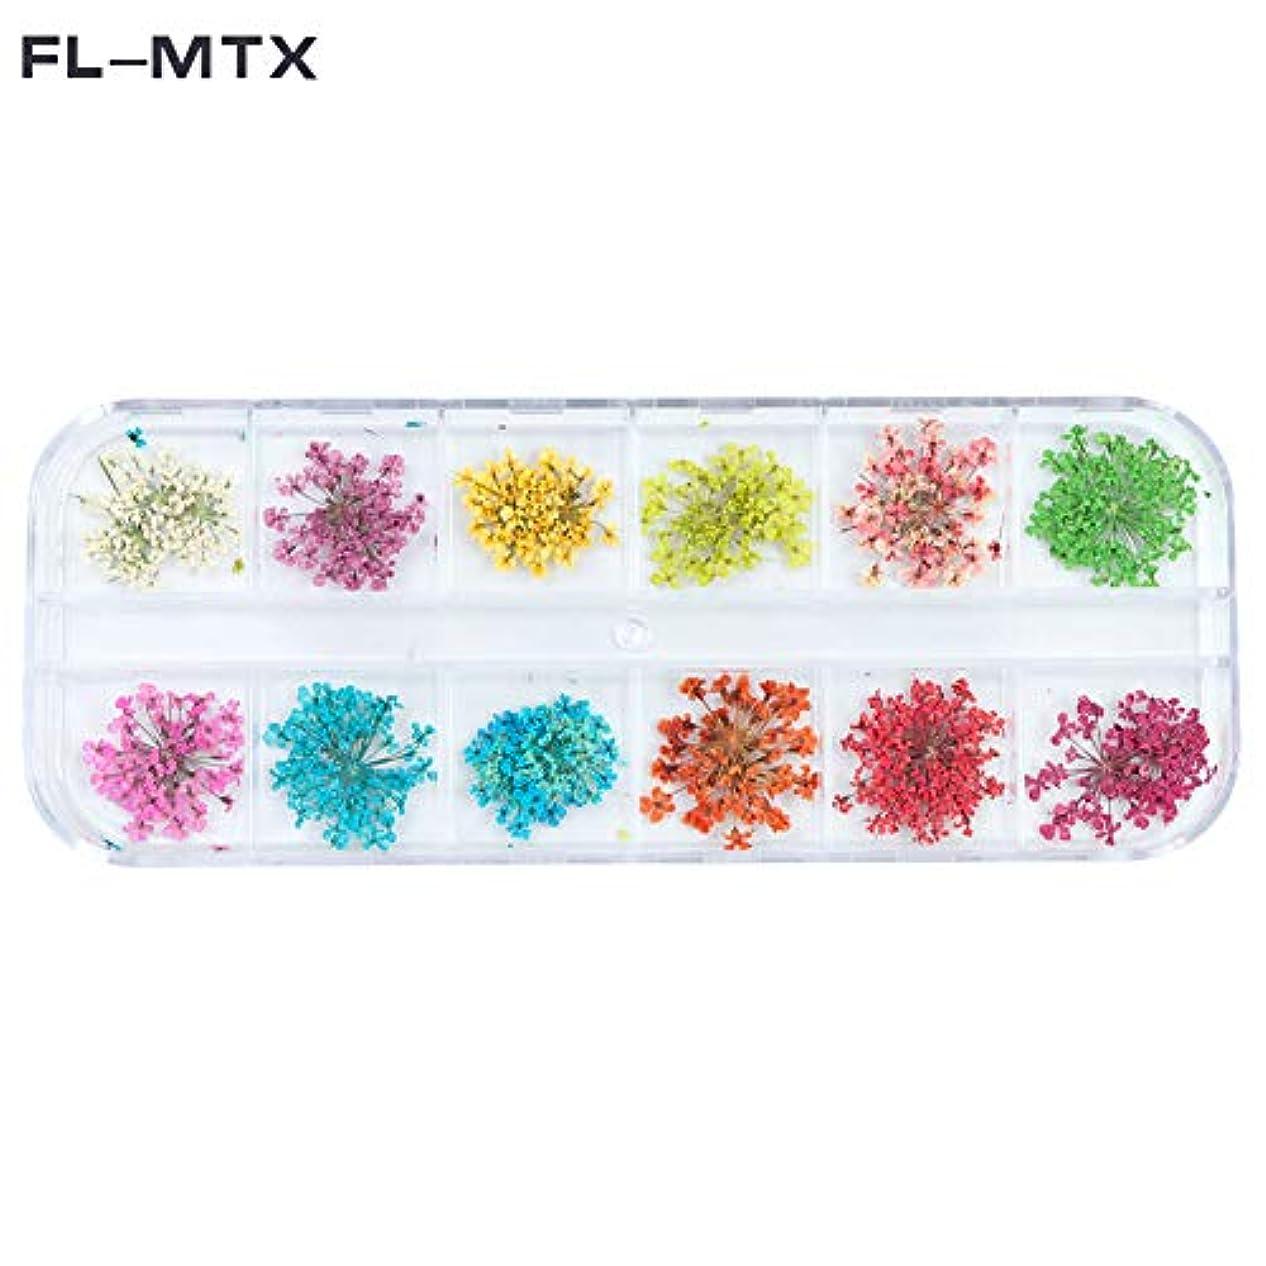 乳製品見せます単位1パックのネイルジュエリードライフラワーdiyクラフト(fl-mtx)の3dフラワーネイル装飾用ドライネイル用品の12色違い